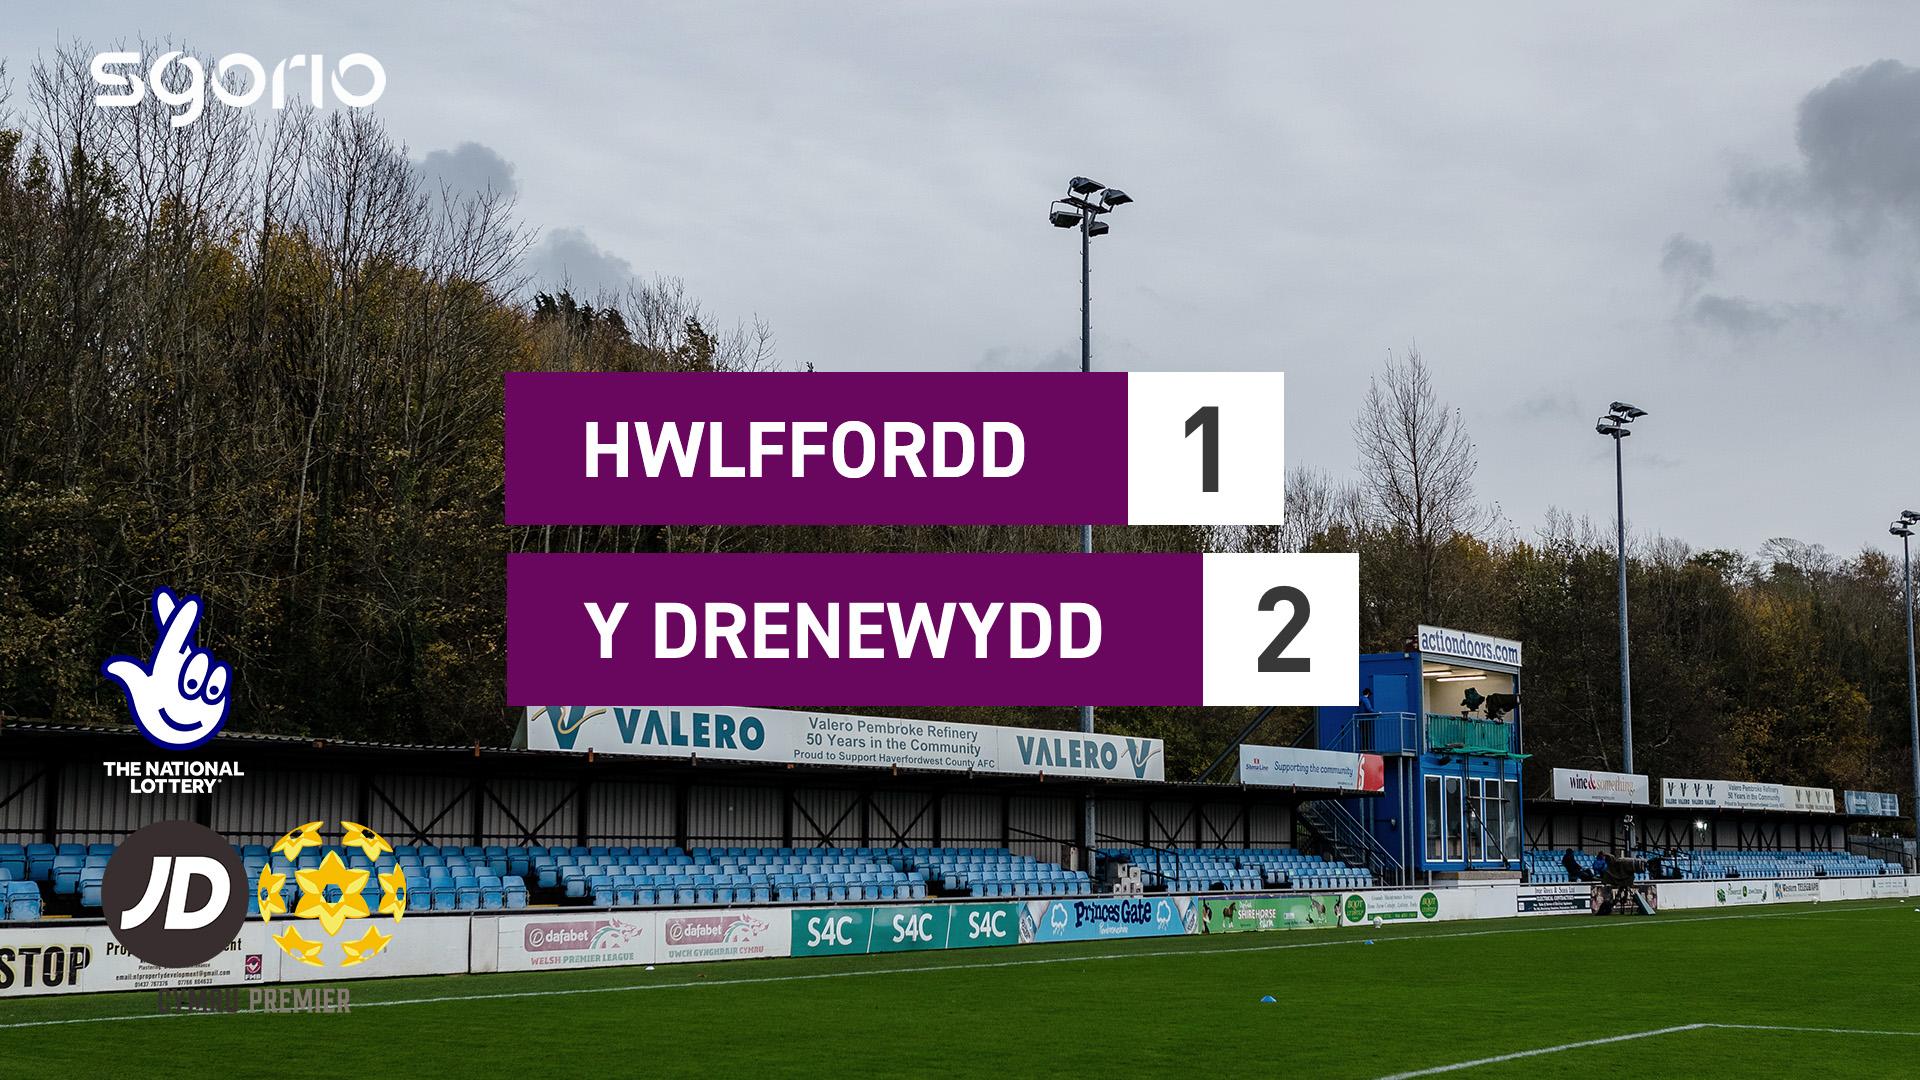 Hwlffordd 1-2 Y Drenewydd